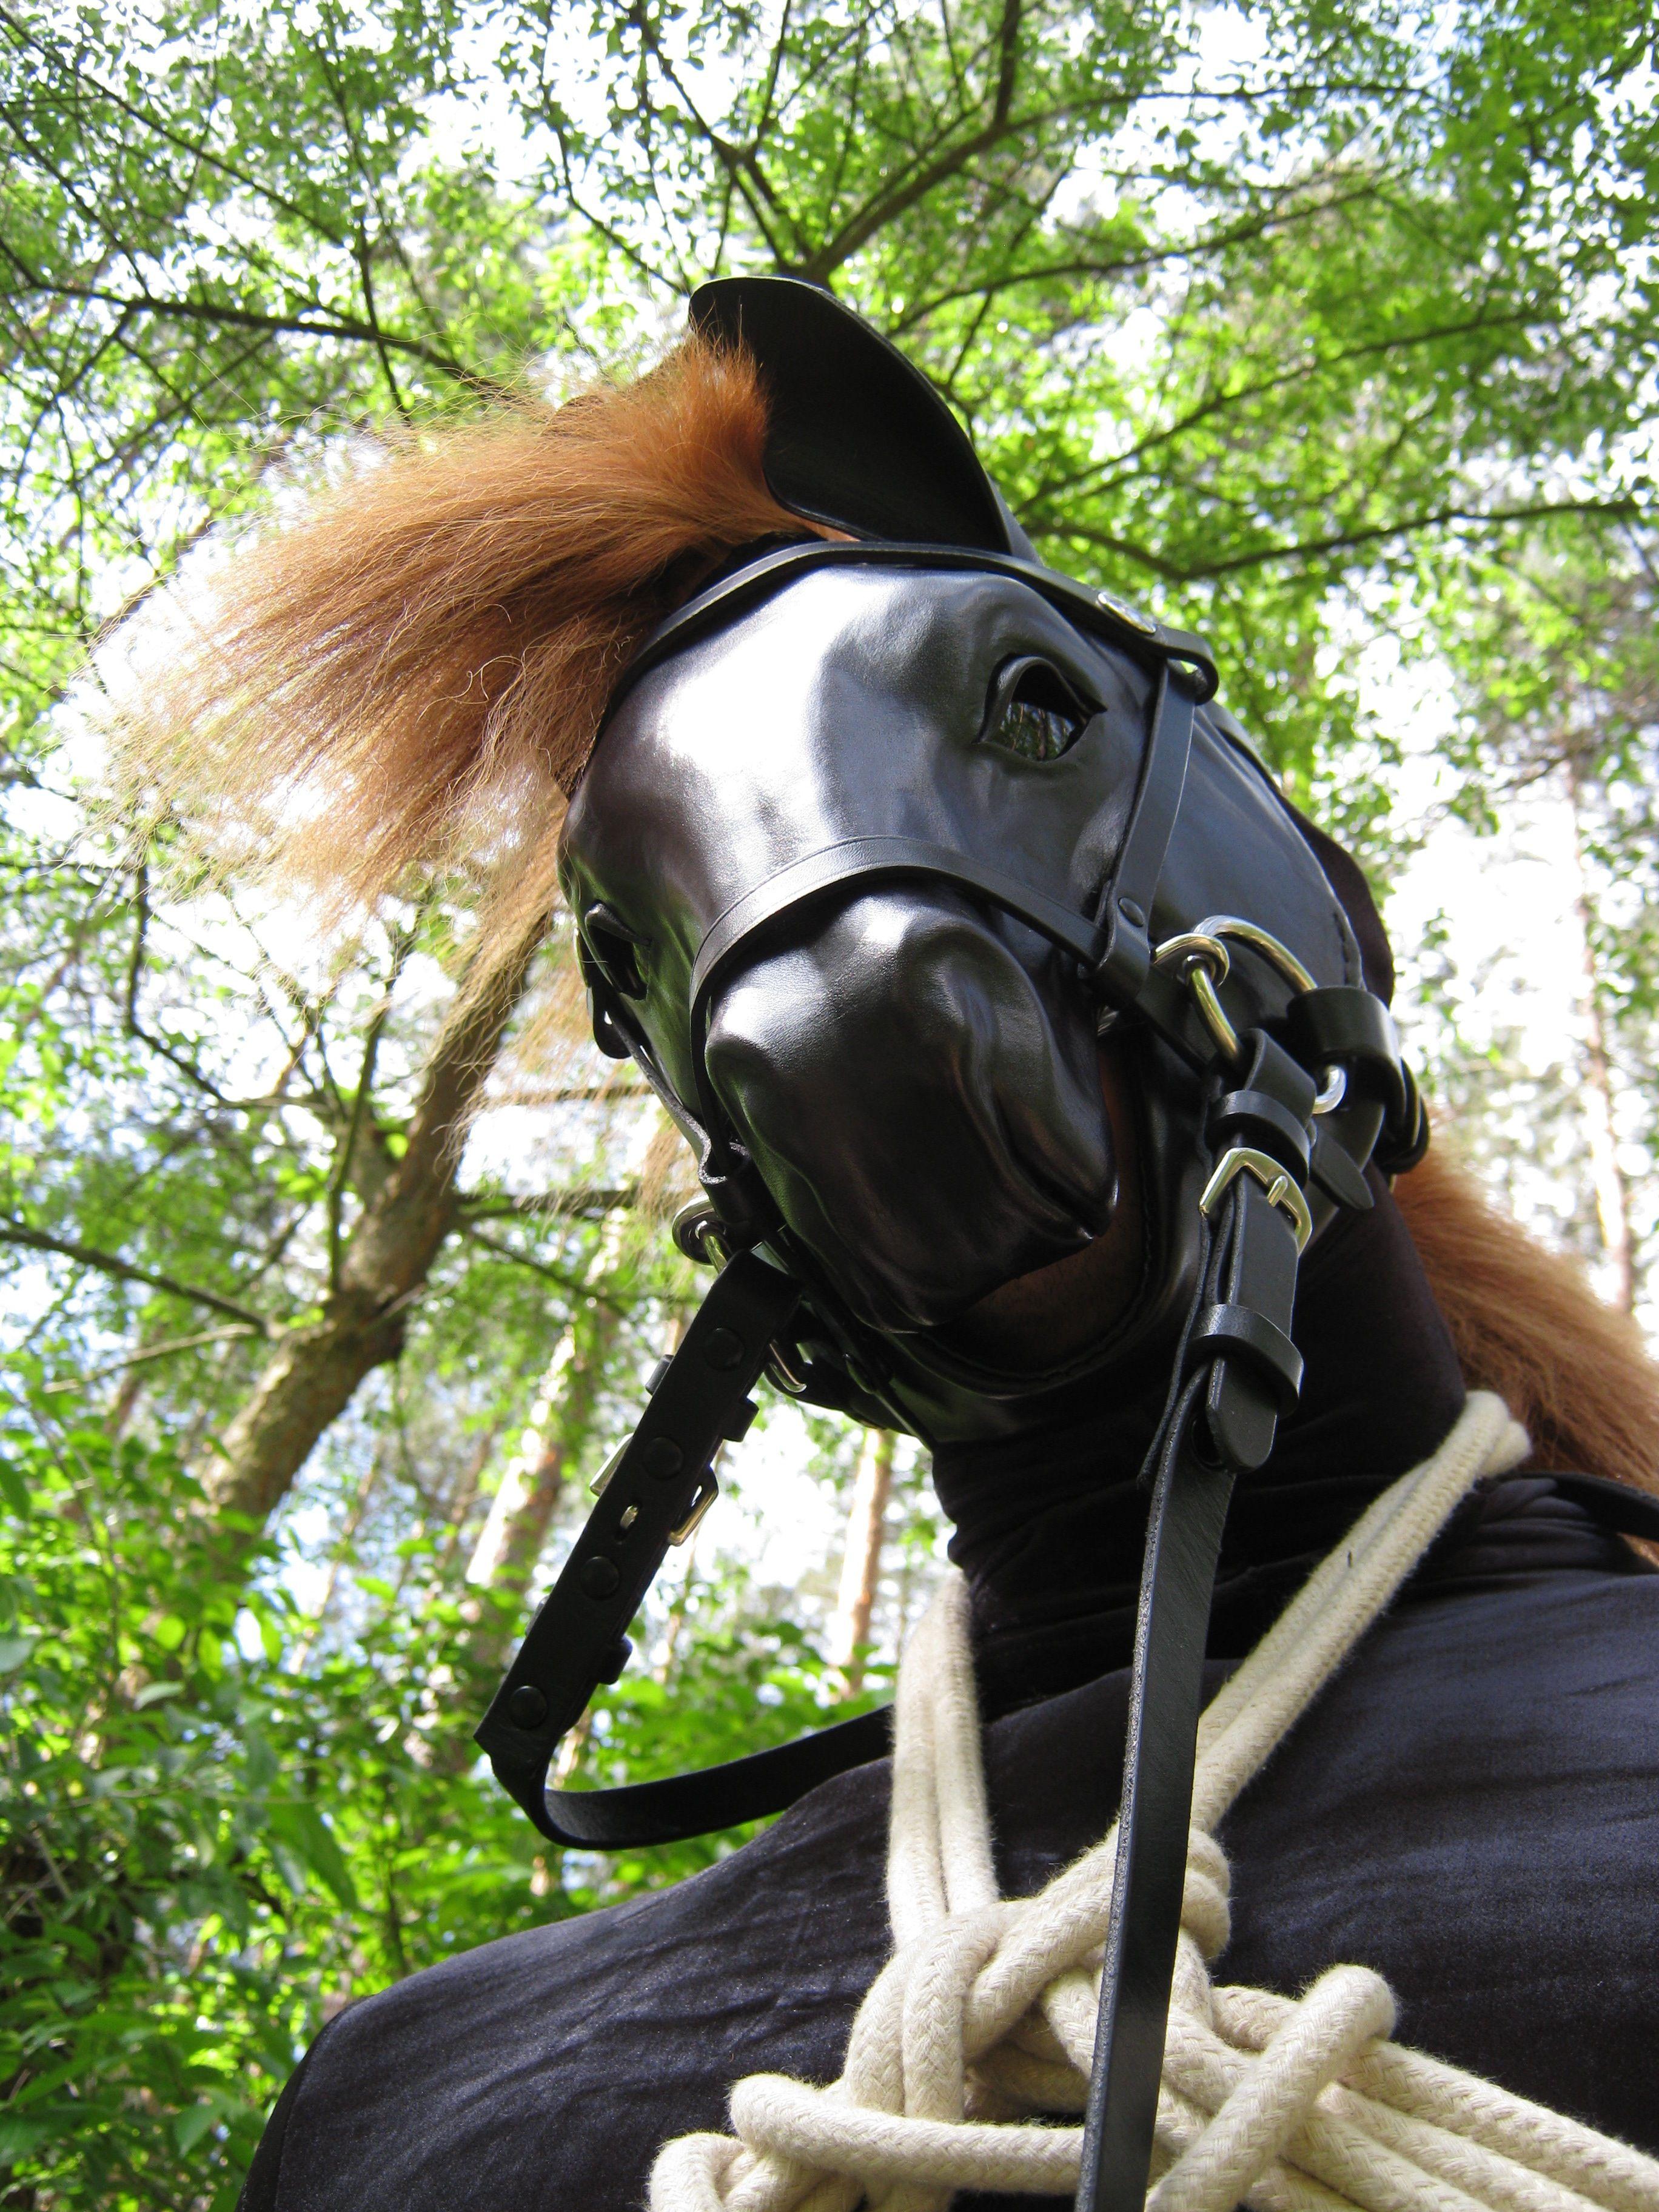 human ponyplay | Ponyboy Puschel | Pinterest